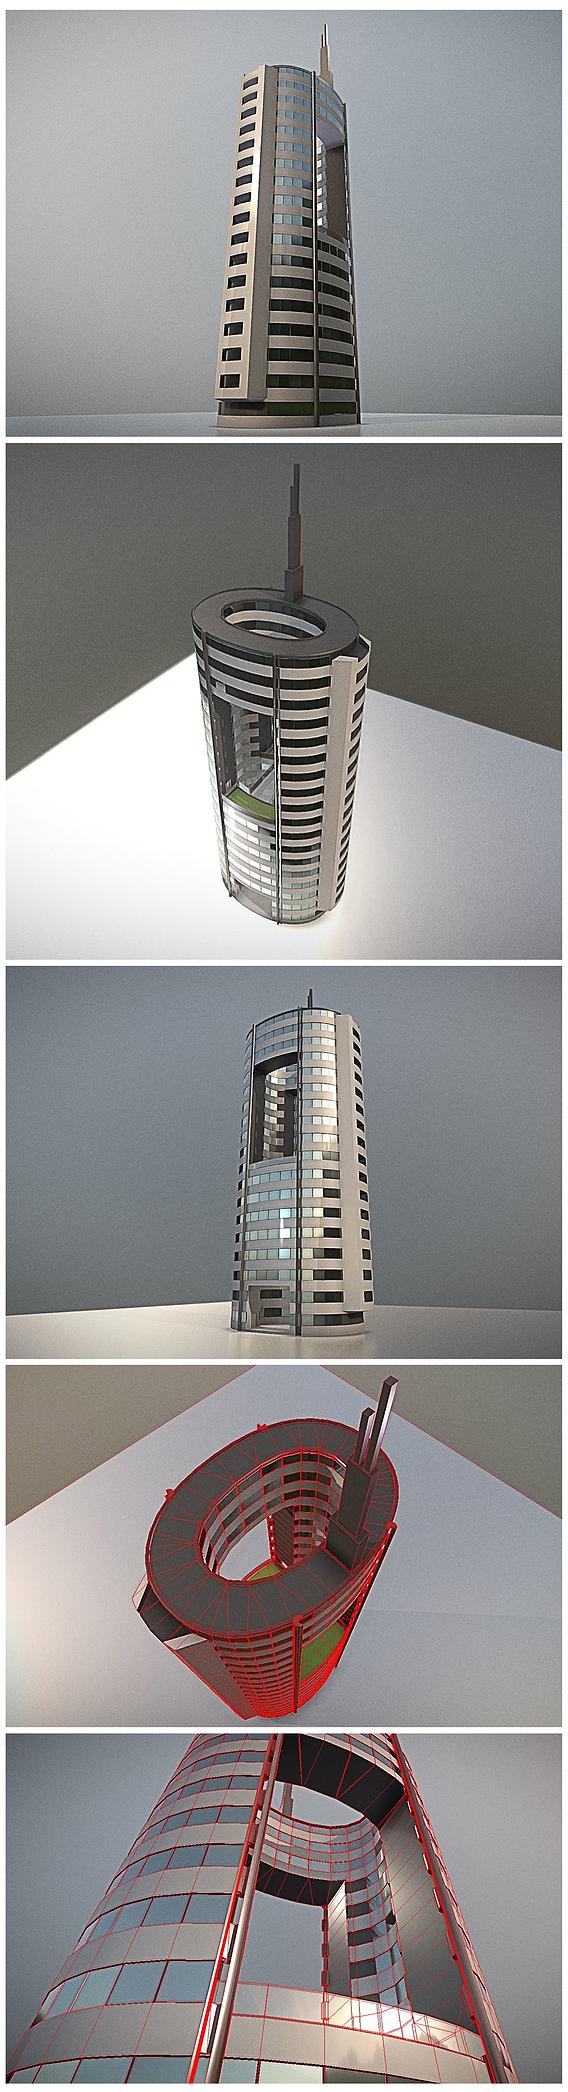 City Building Design O-1